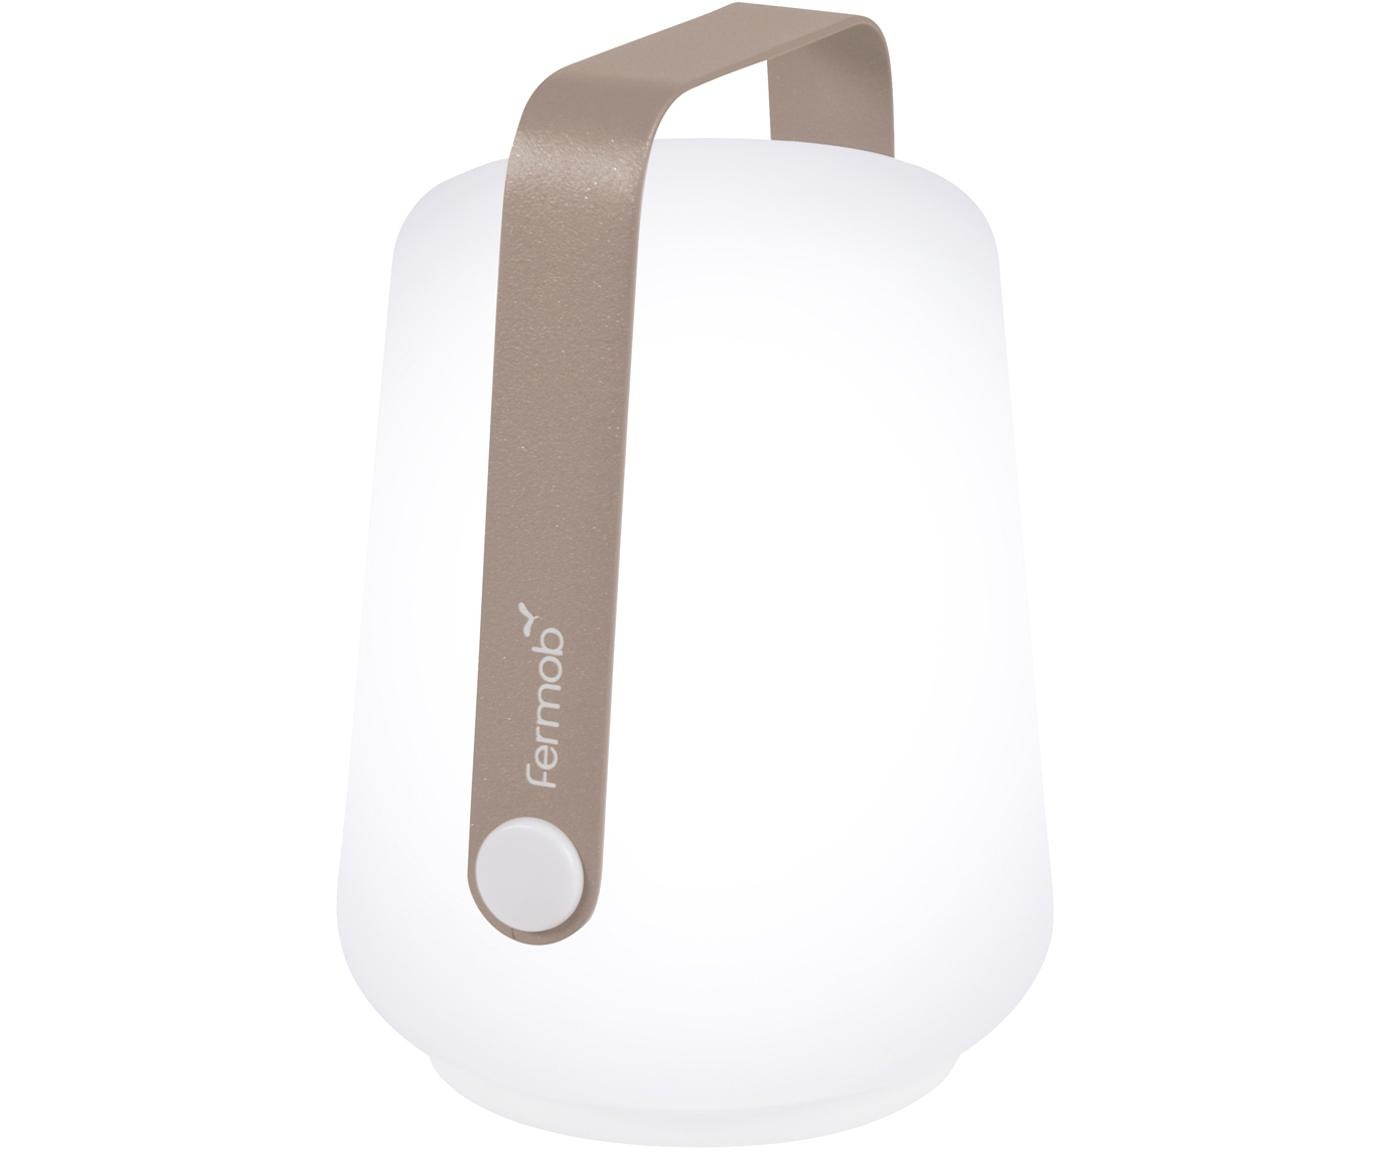 Mobile LED Außenleuchten Balad, 3 Stück, Lampenschirm: Polyethylen, Griff: Aluminium, lackiert, Muskatbraun, Ø 10 x H 13 cm